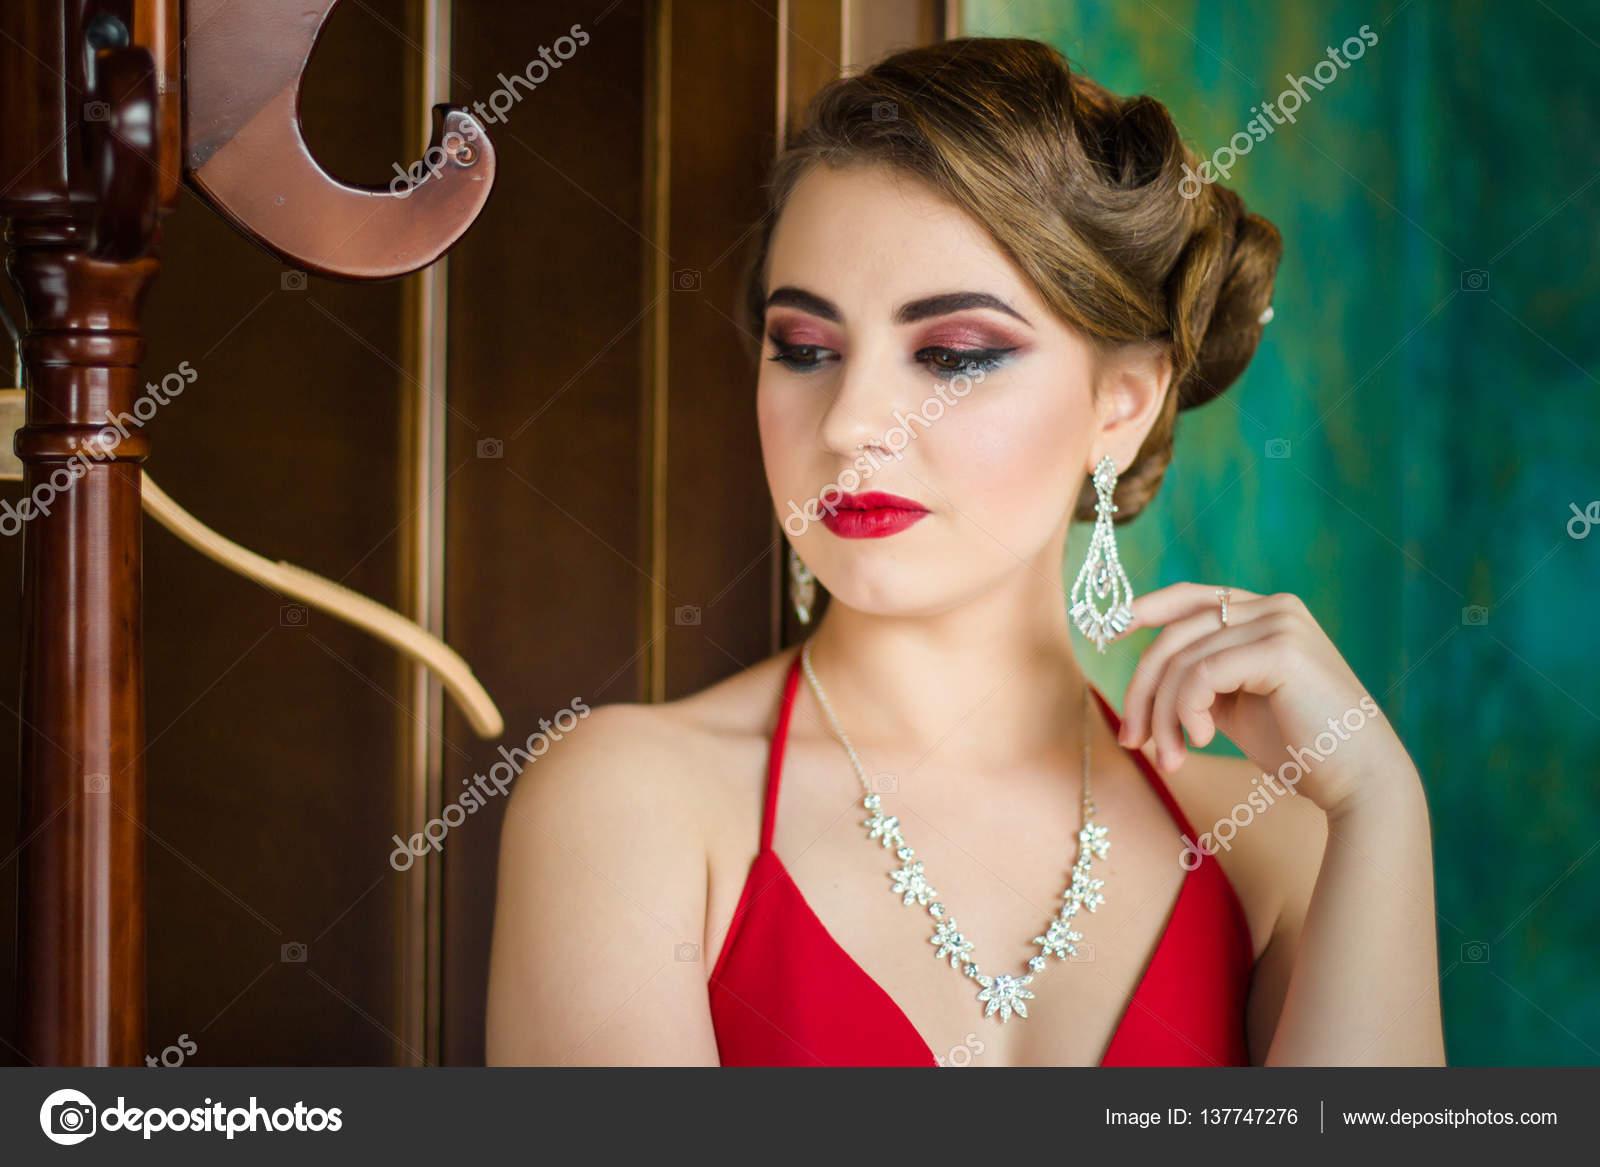 Retro Bild Mädchen Mit Schönen Augen Make Up Und Rote Lippen